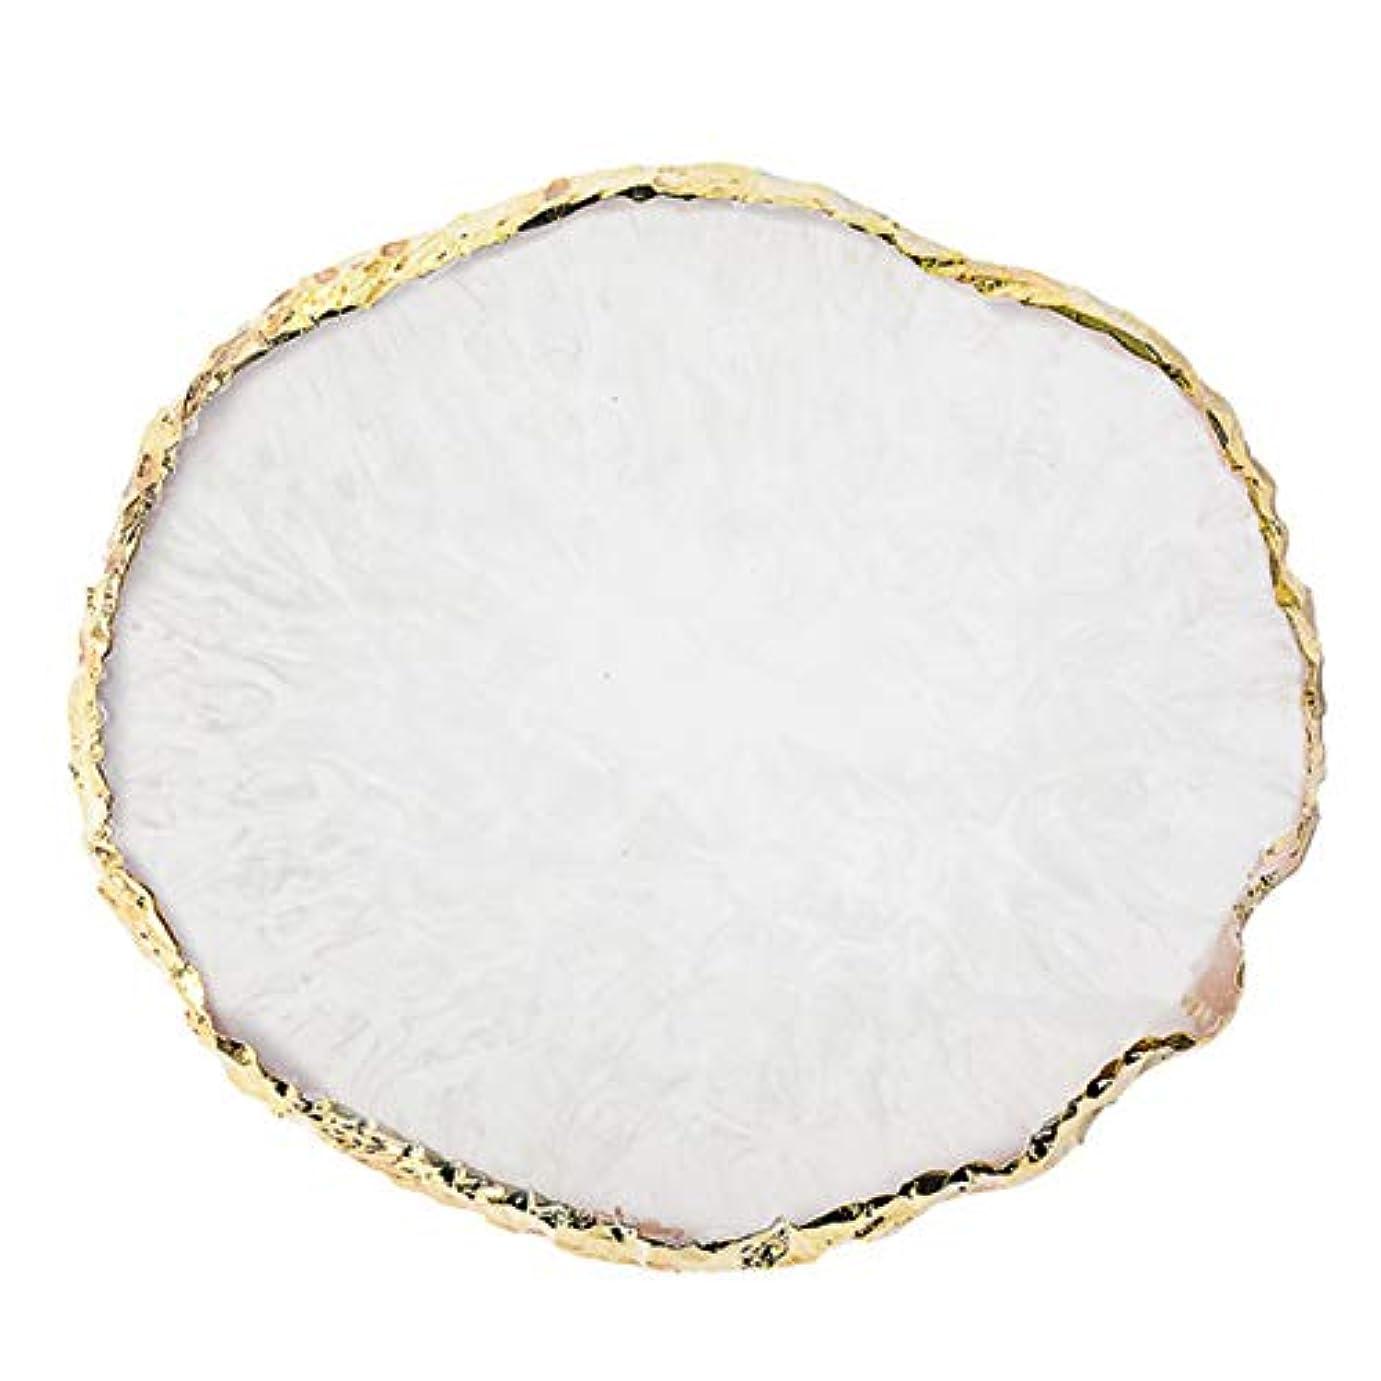 ジョットディボンドンまで施設Wadachikis 精神的な1 pc樹脂釘アート絵画ボード図面パレットを表示するゲル塗装色皿ゴールデンエッジマニキュア釘ディスプレイツール最新(None Q)